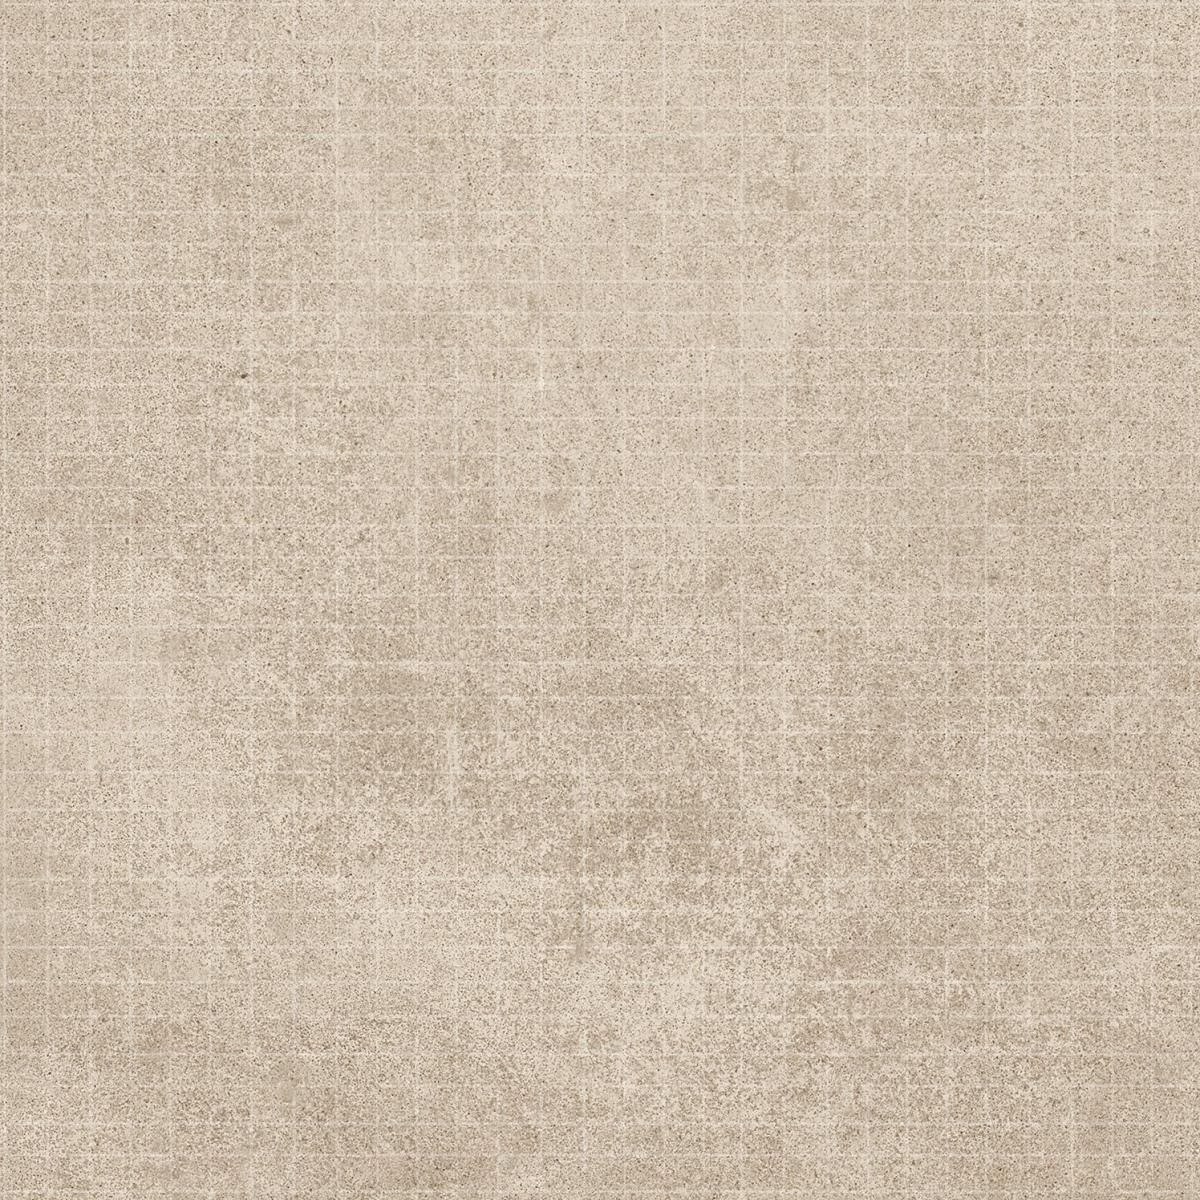 Vinci Blanco 25x25 (m2) al mejor precio